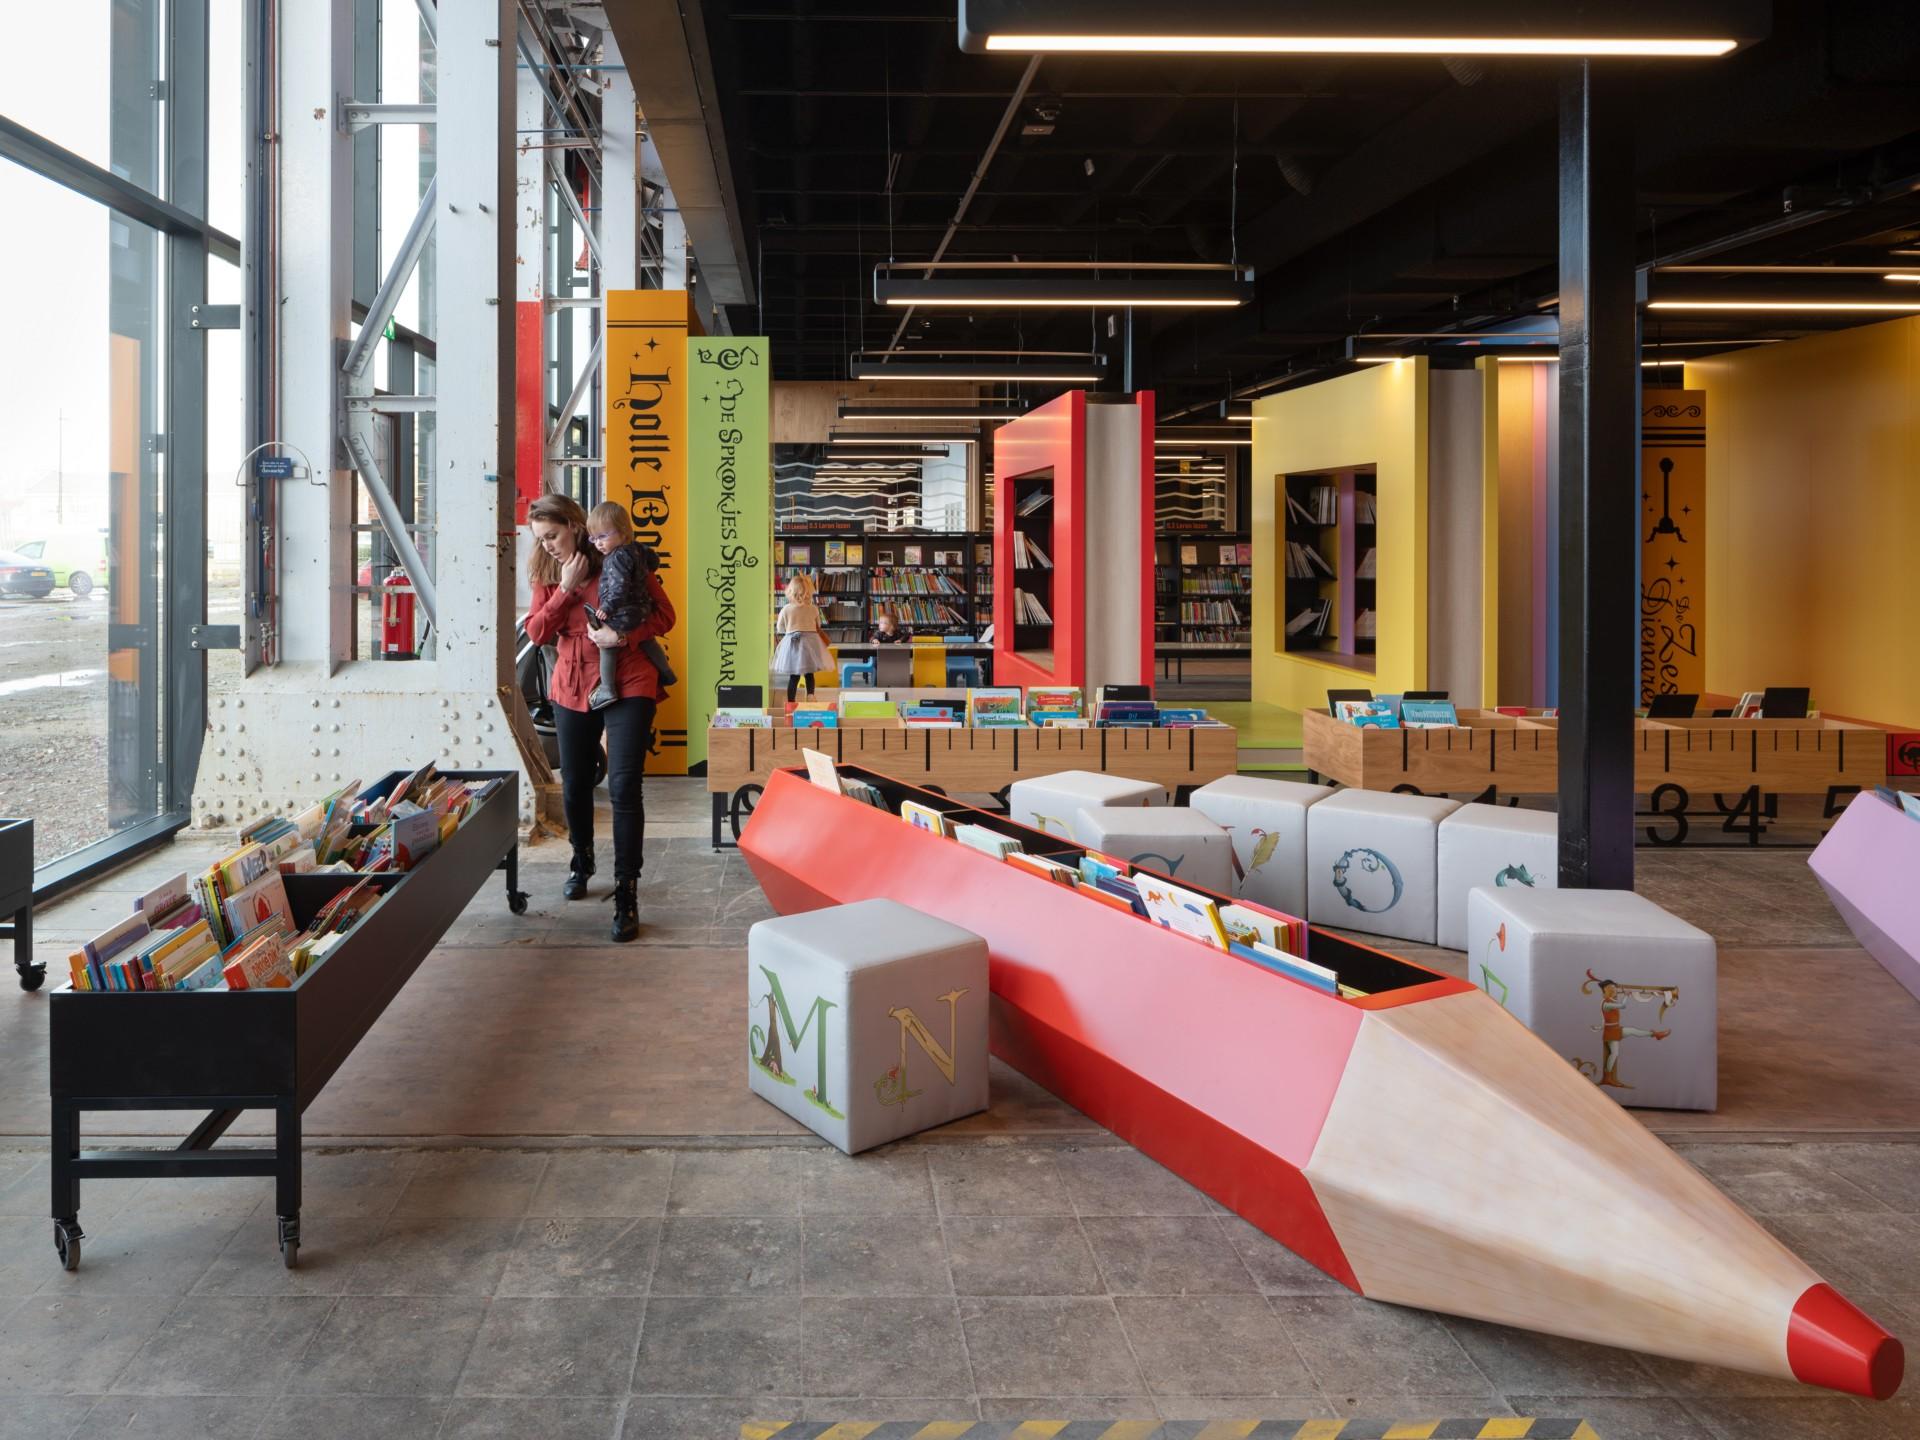 Migliori Libri Interior Design mecanoo interior design della lochal library a tilburg